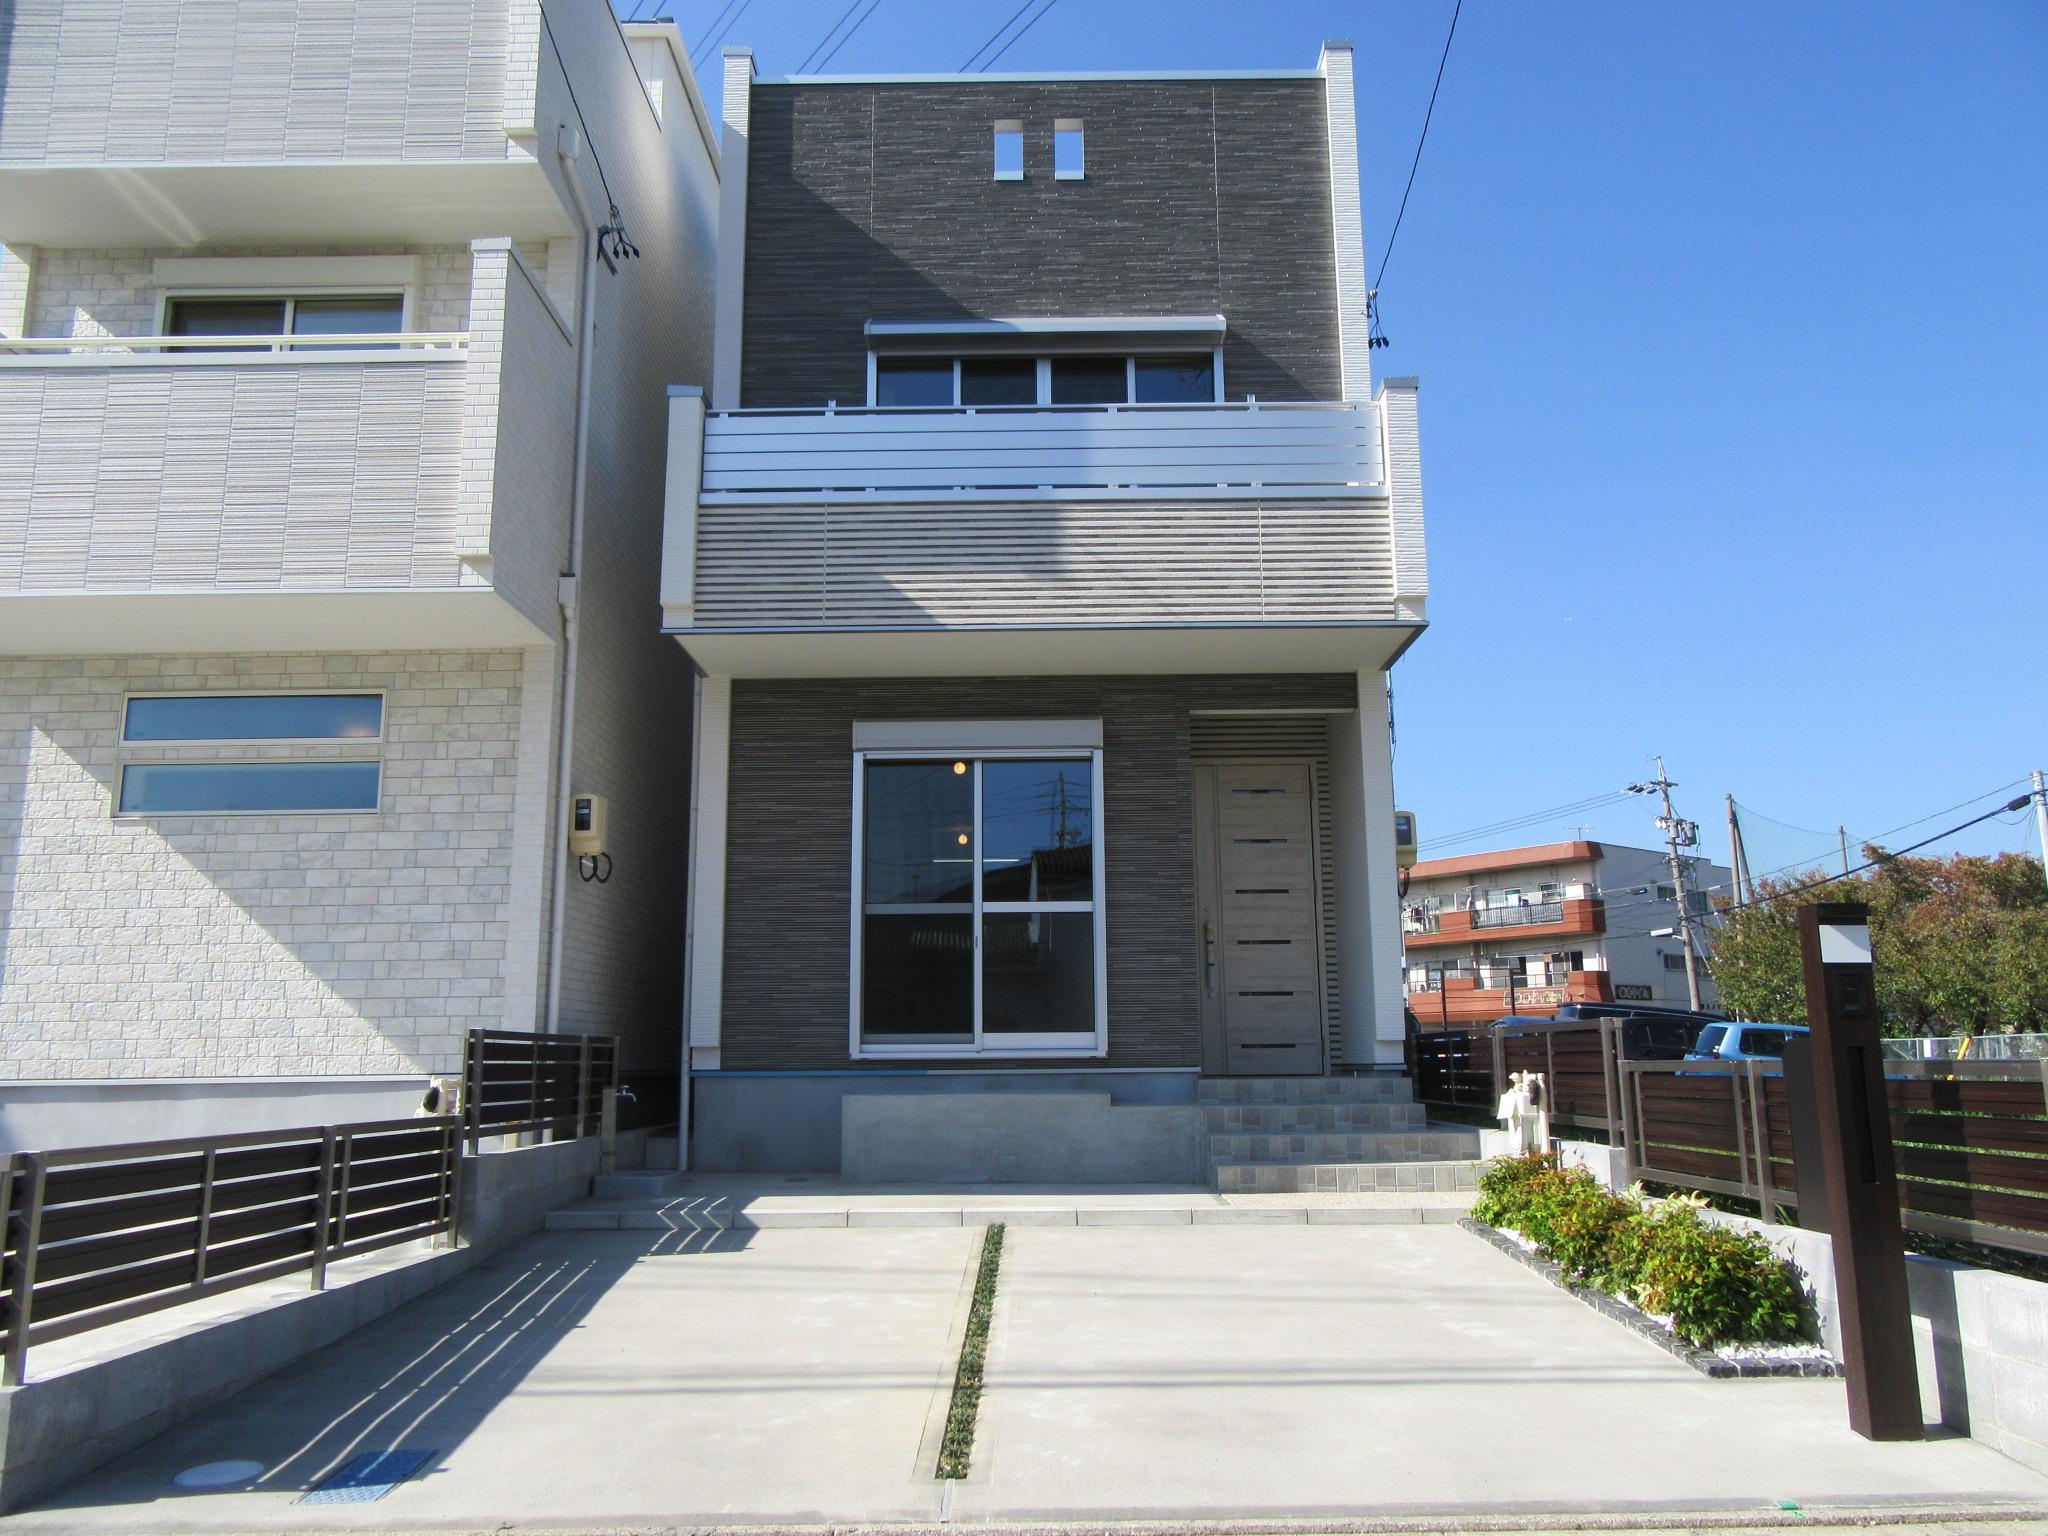 南東入 4LDK 木造3階建て 34.35坪 間口5550mm